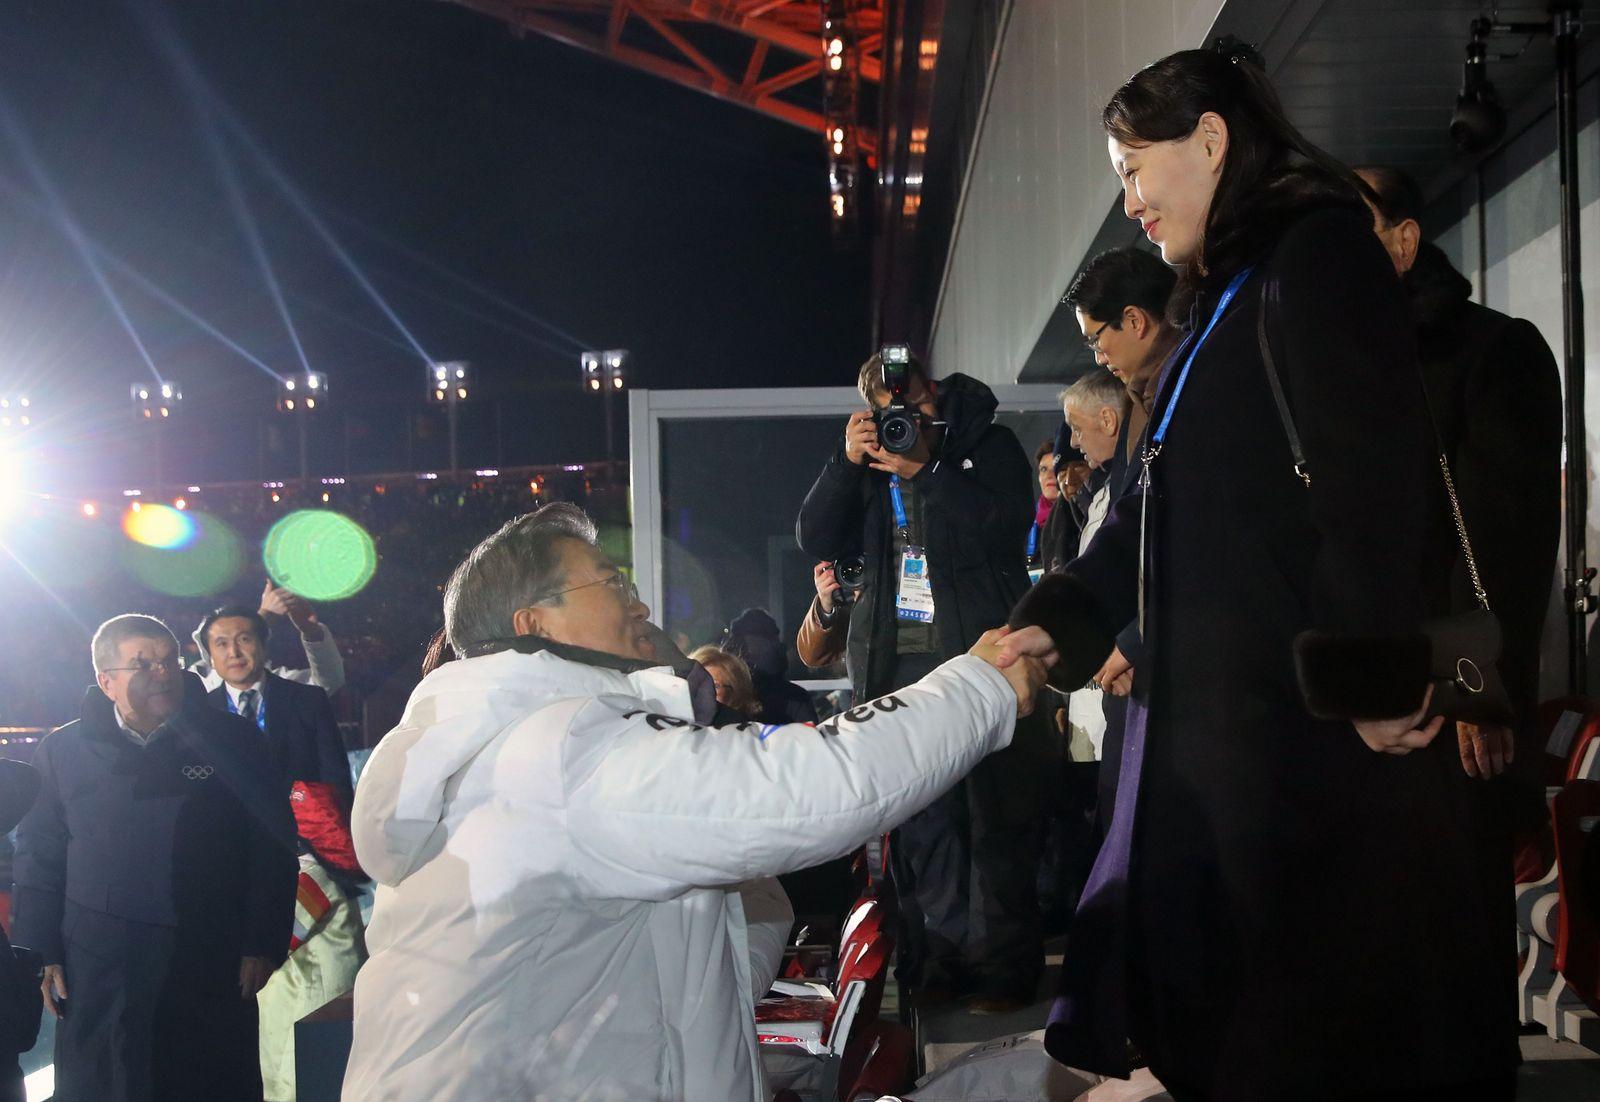 Pyeongchang / Moon Jae In / Kim Yo Jong